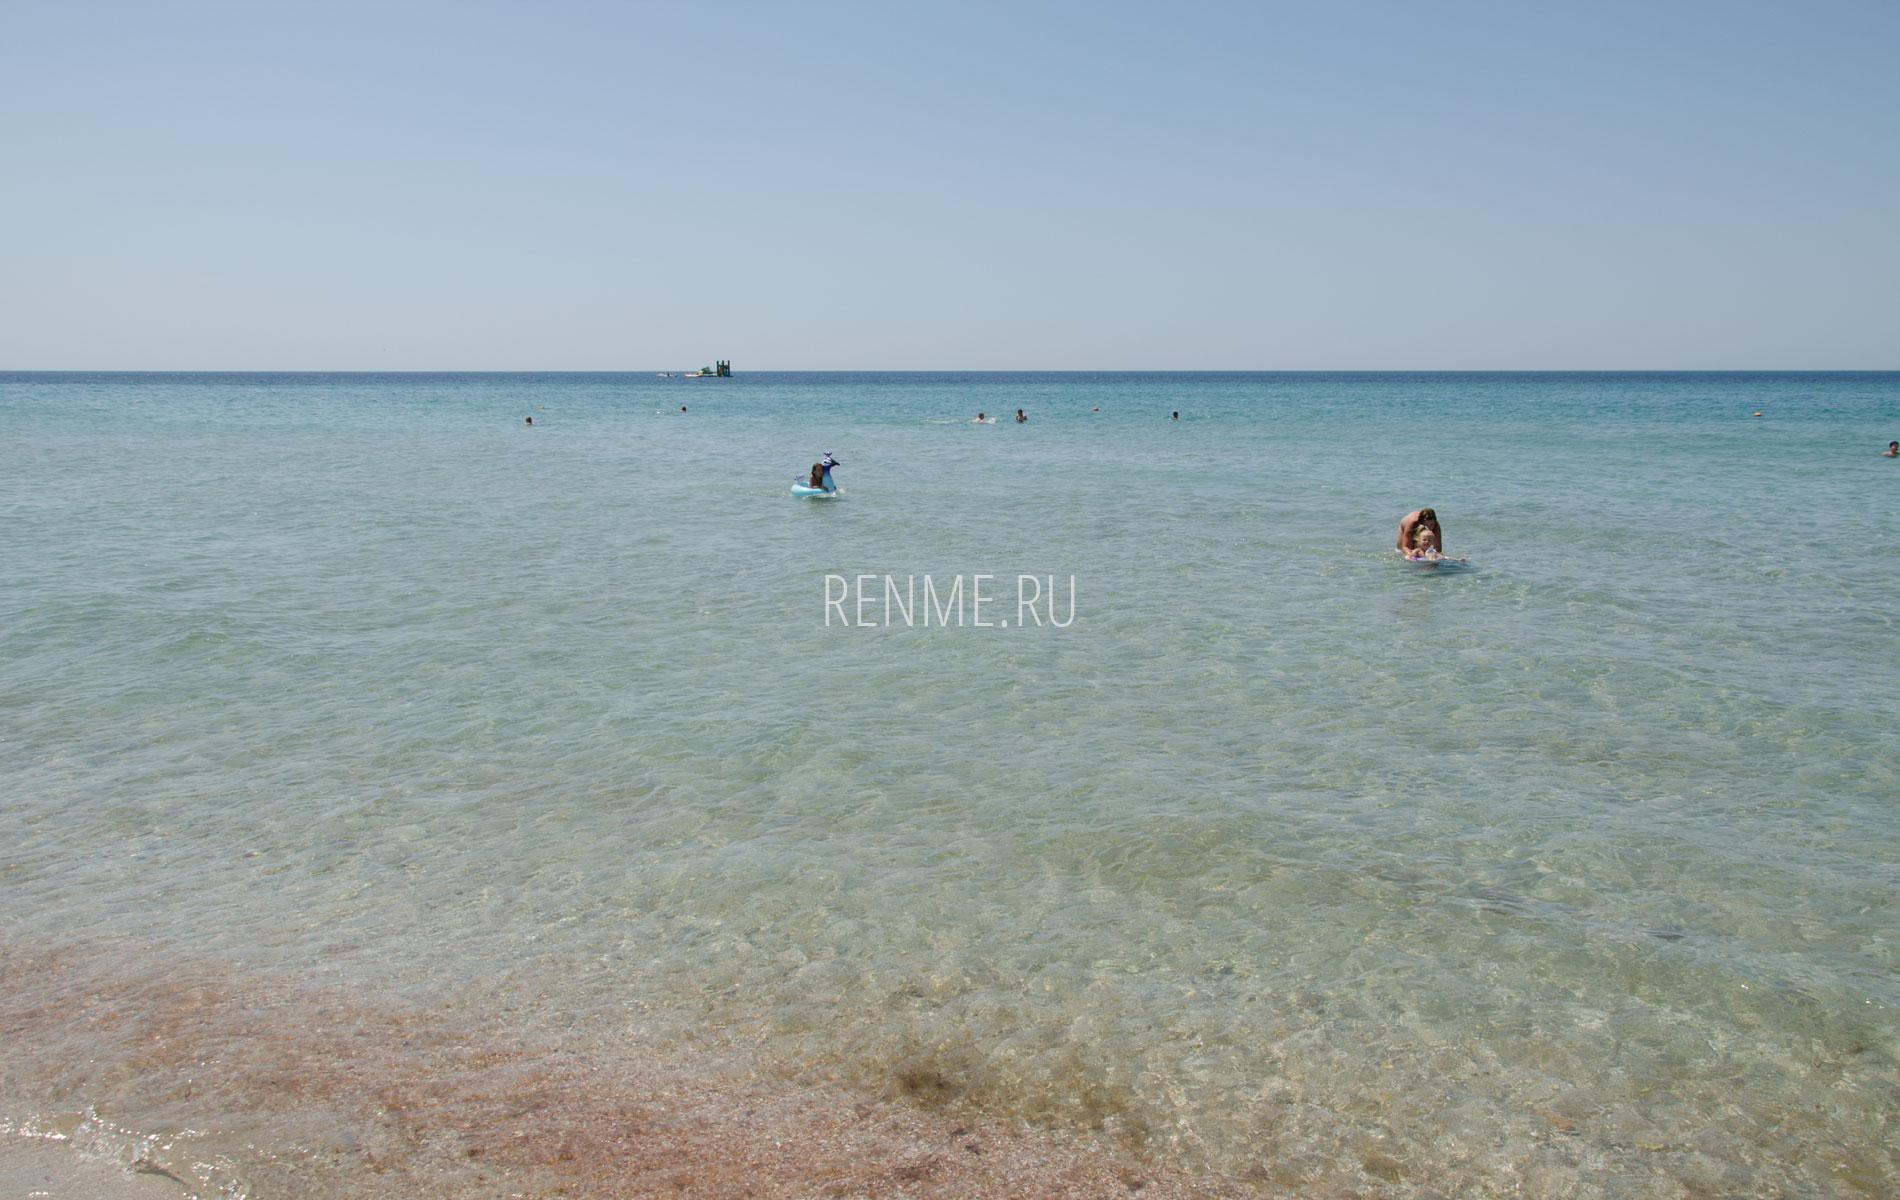 Чистое море в Крыму летом 2019. Фото Штормового